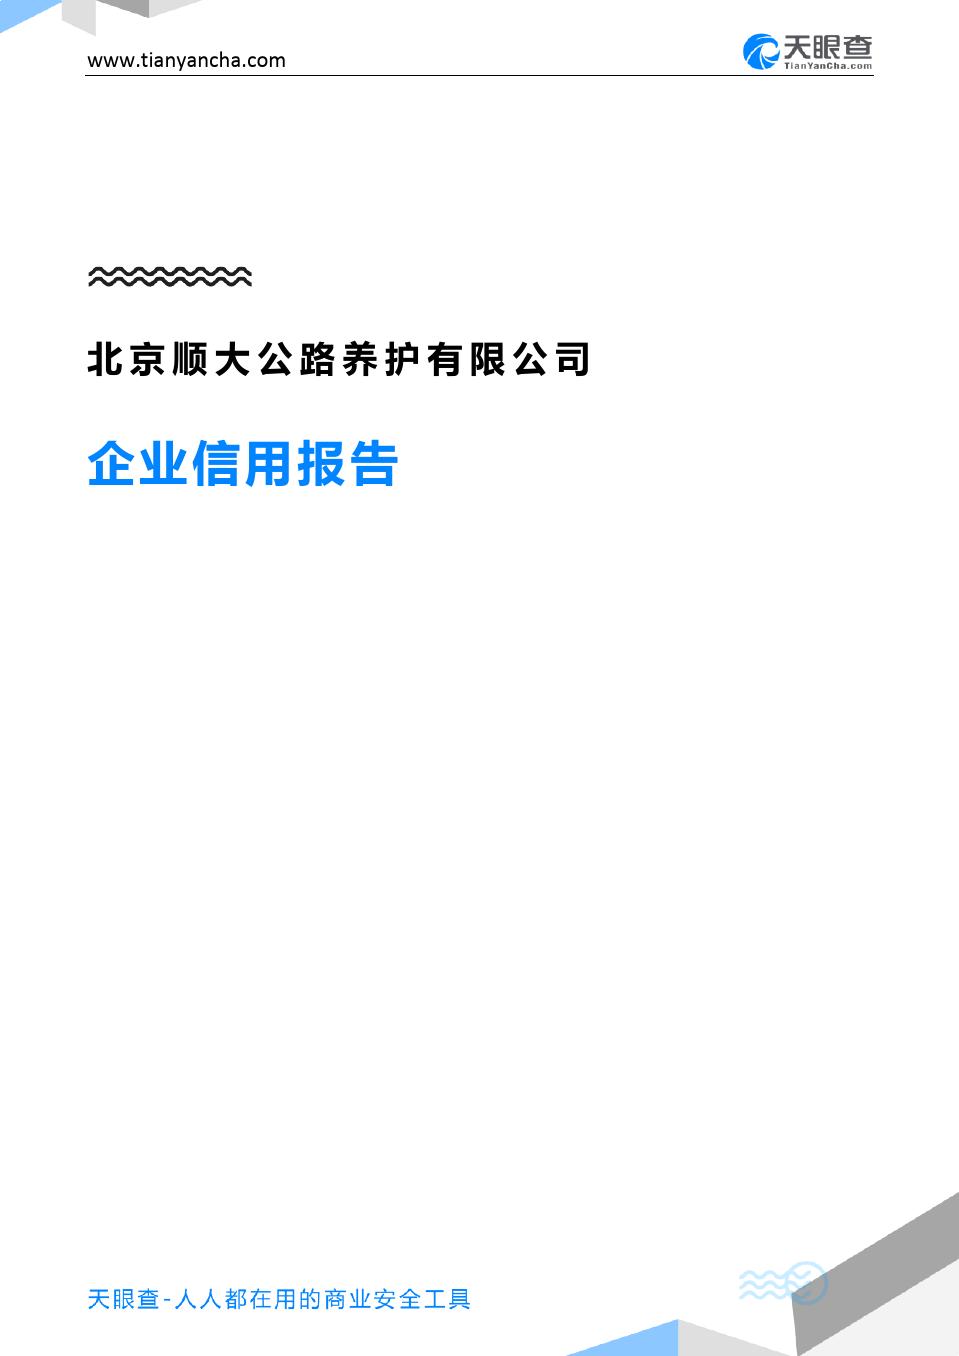 北京顺大公路养护有限公司企业信用报告-天眼查